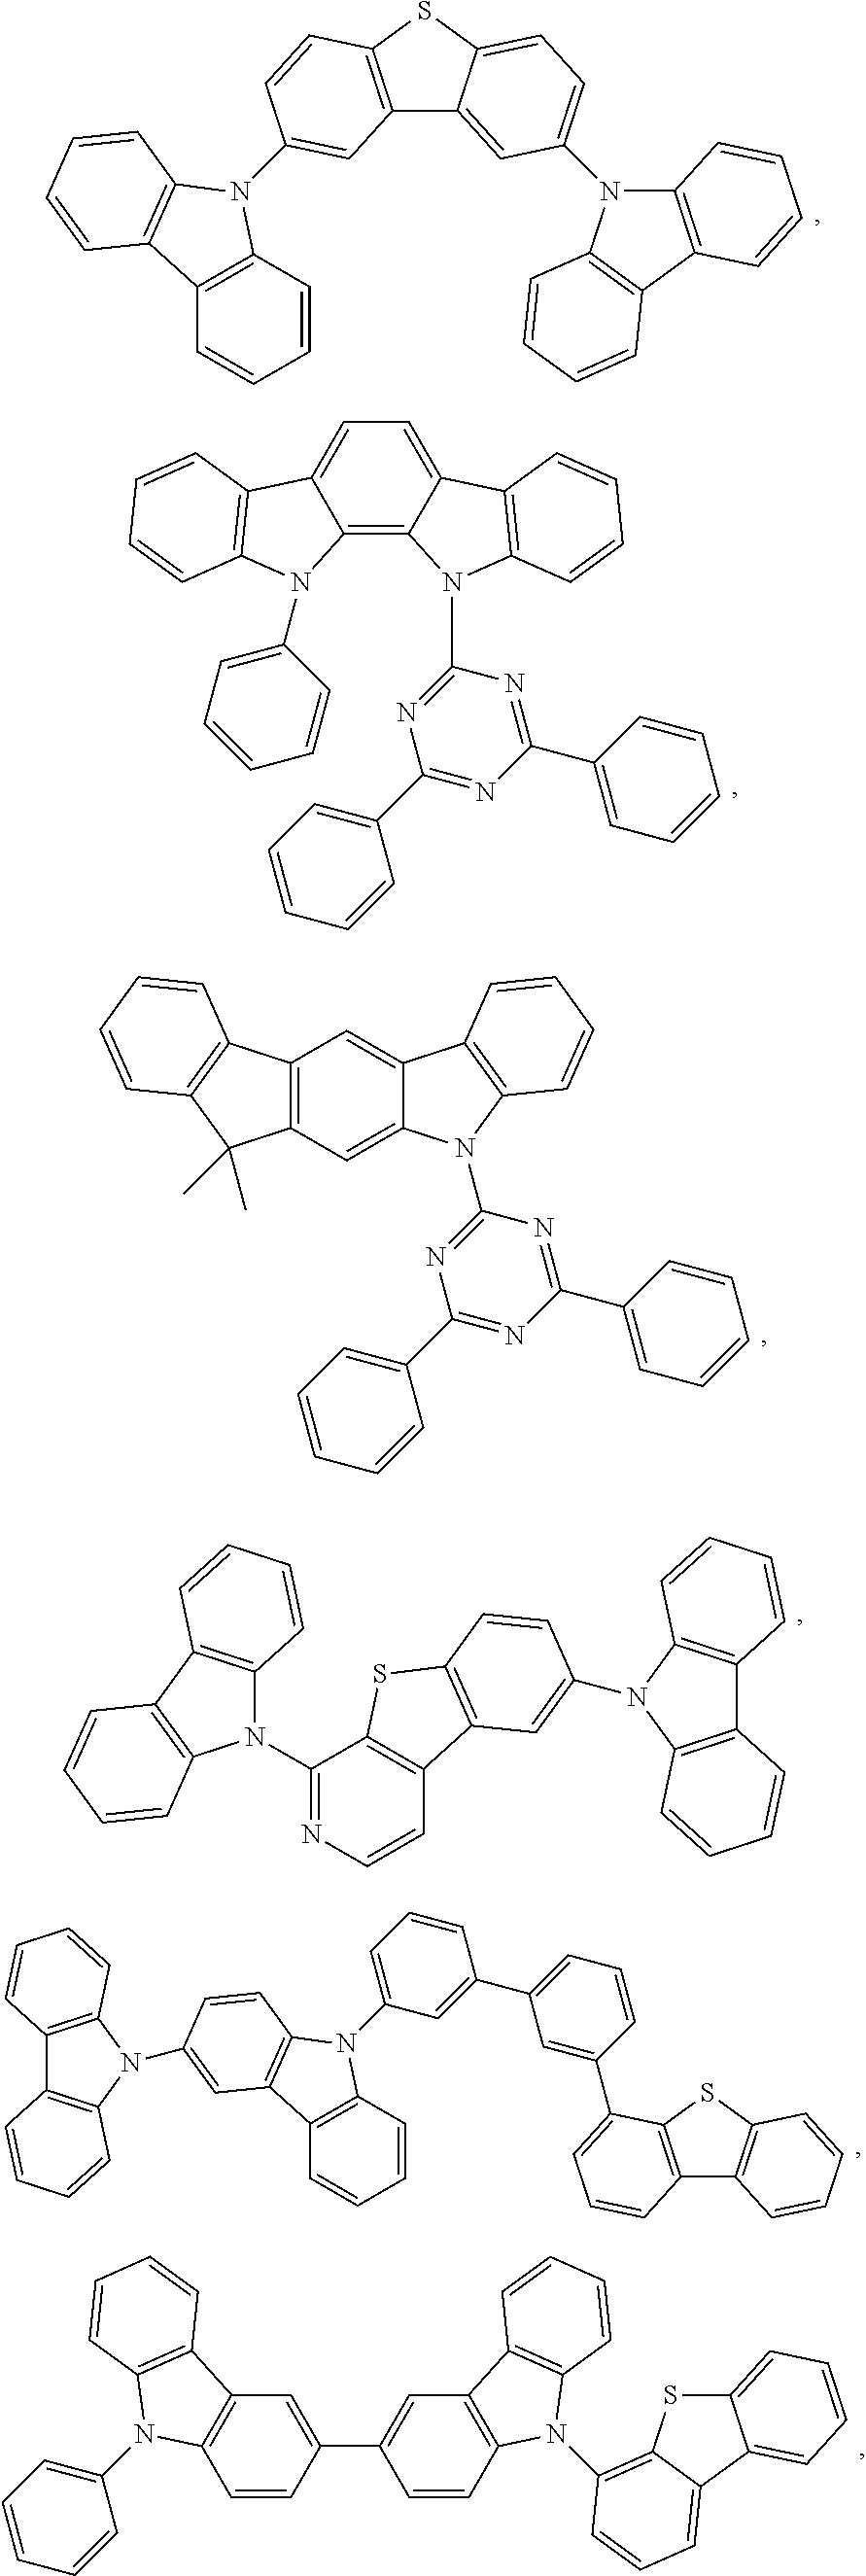 Figure US20180076393A1-20180315-C00179